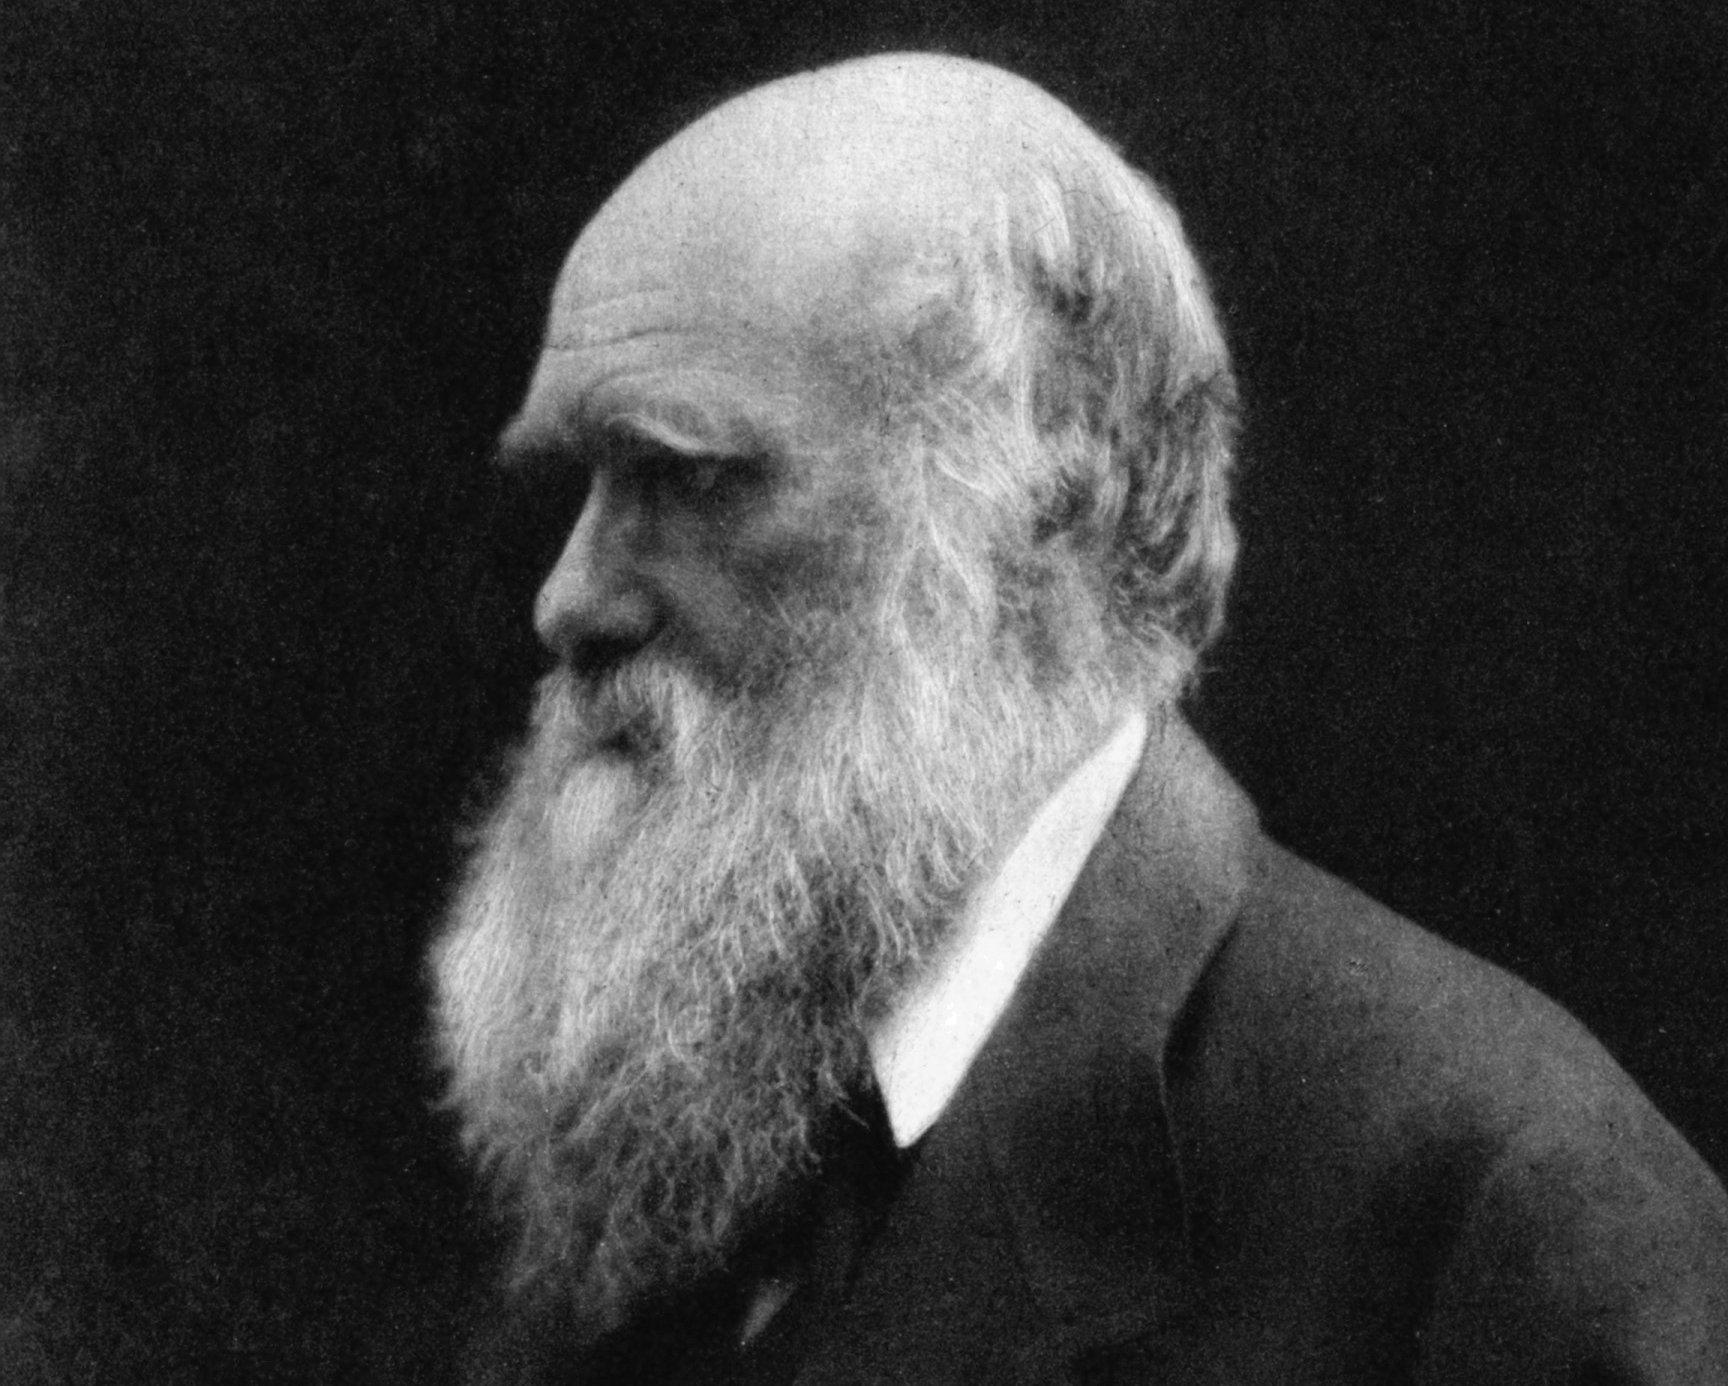 Gezeigt wird ein Foto des britischen Naturforschers Charles Darwin in höherem Alter. Darwin fallen die Ähnlichkeiten zwischen Mensch und Schimpanse auf. Deshalb glaubt er, beide hatten einst einen gemeinsamen Vorfahren gehabt. Und weil die heutigen, nächsten Verwandten des Menschen – die Schimpansen – in Afrika leben, müsse auch der gemeinsame Urahn auf dem Schwarzen Kontinent zu finden sein.